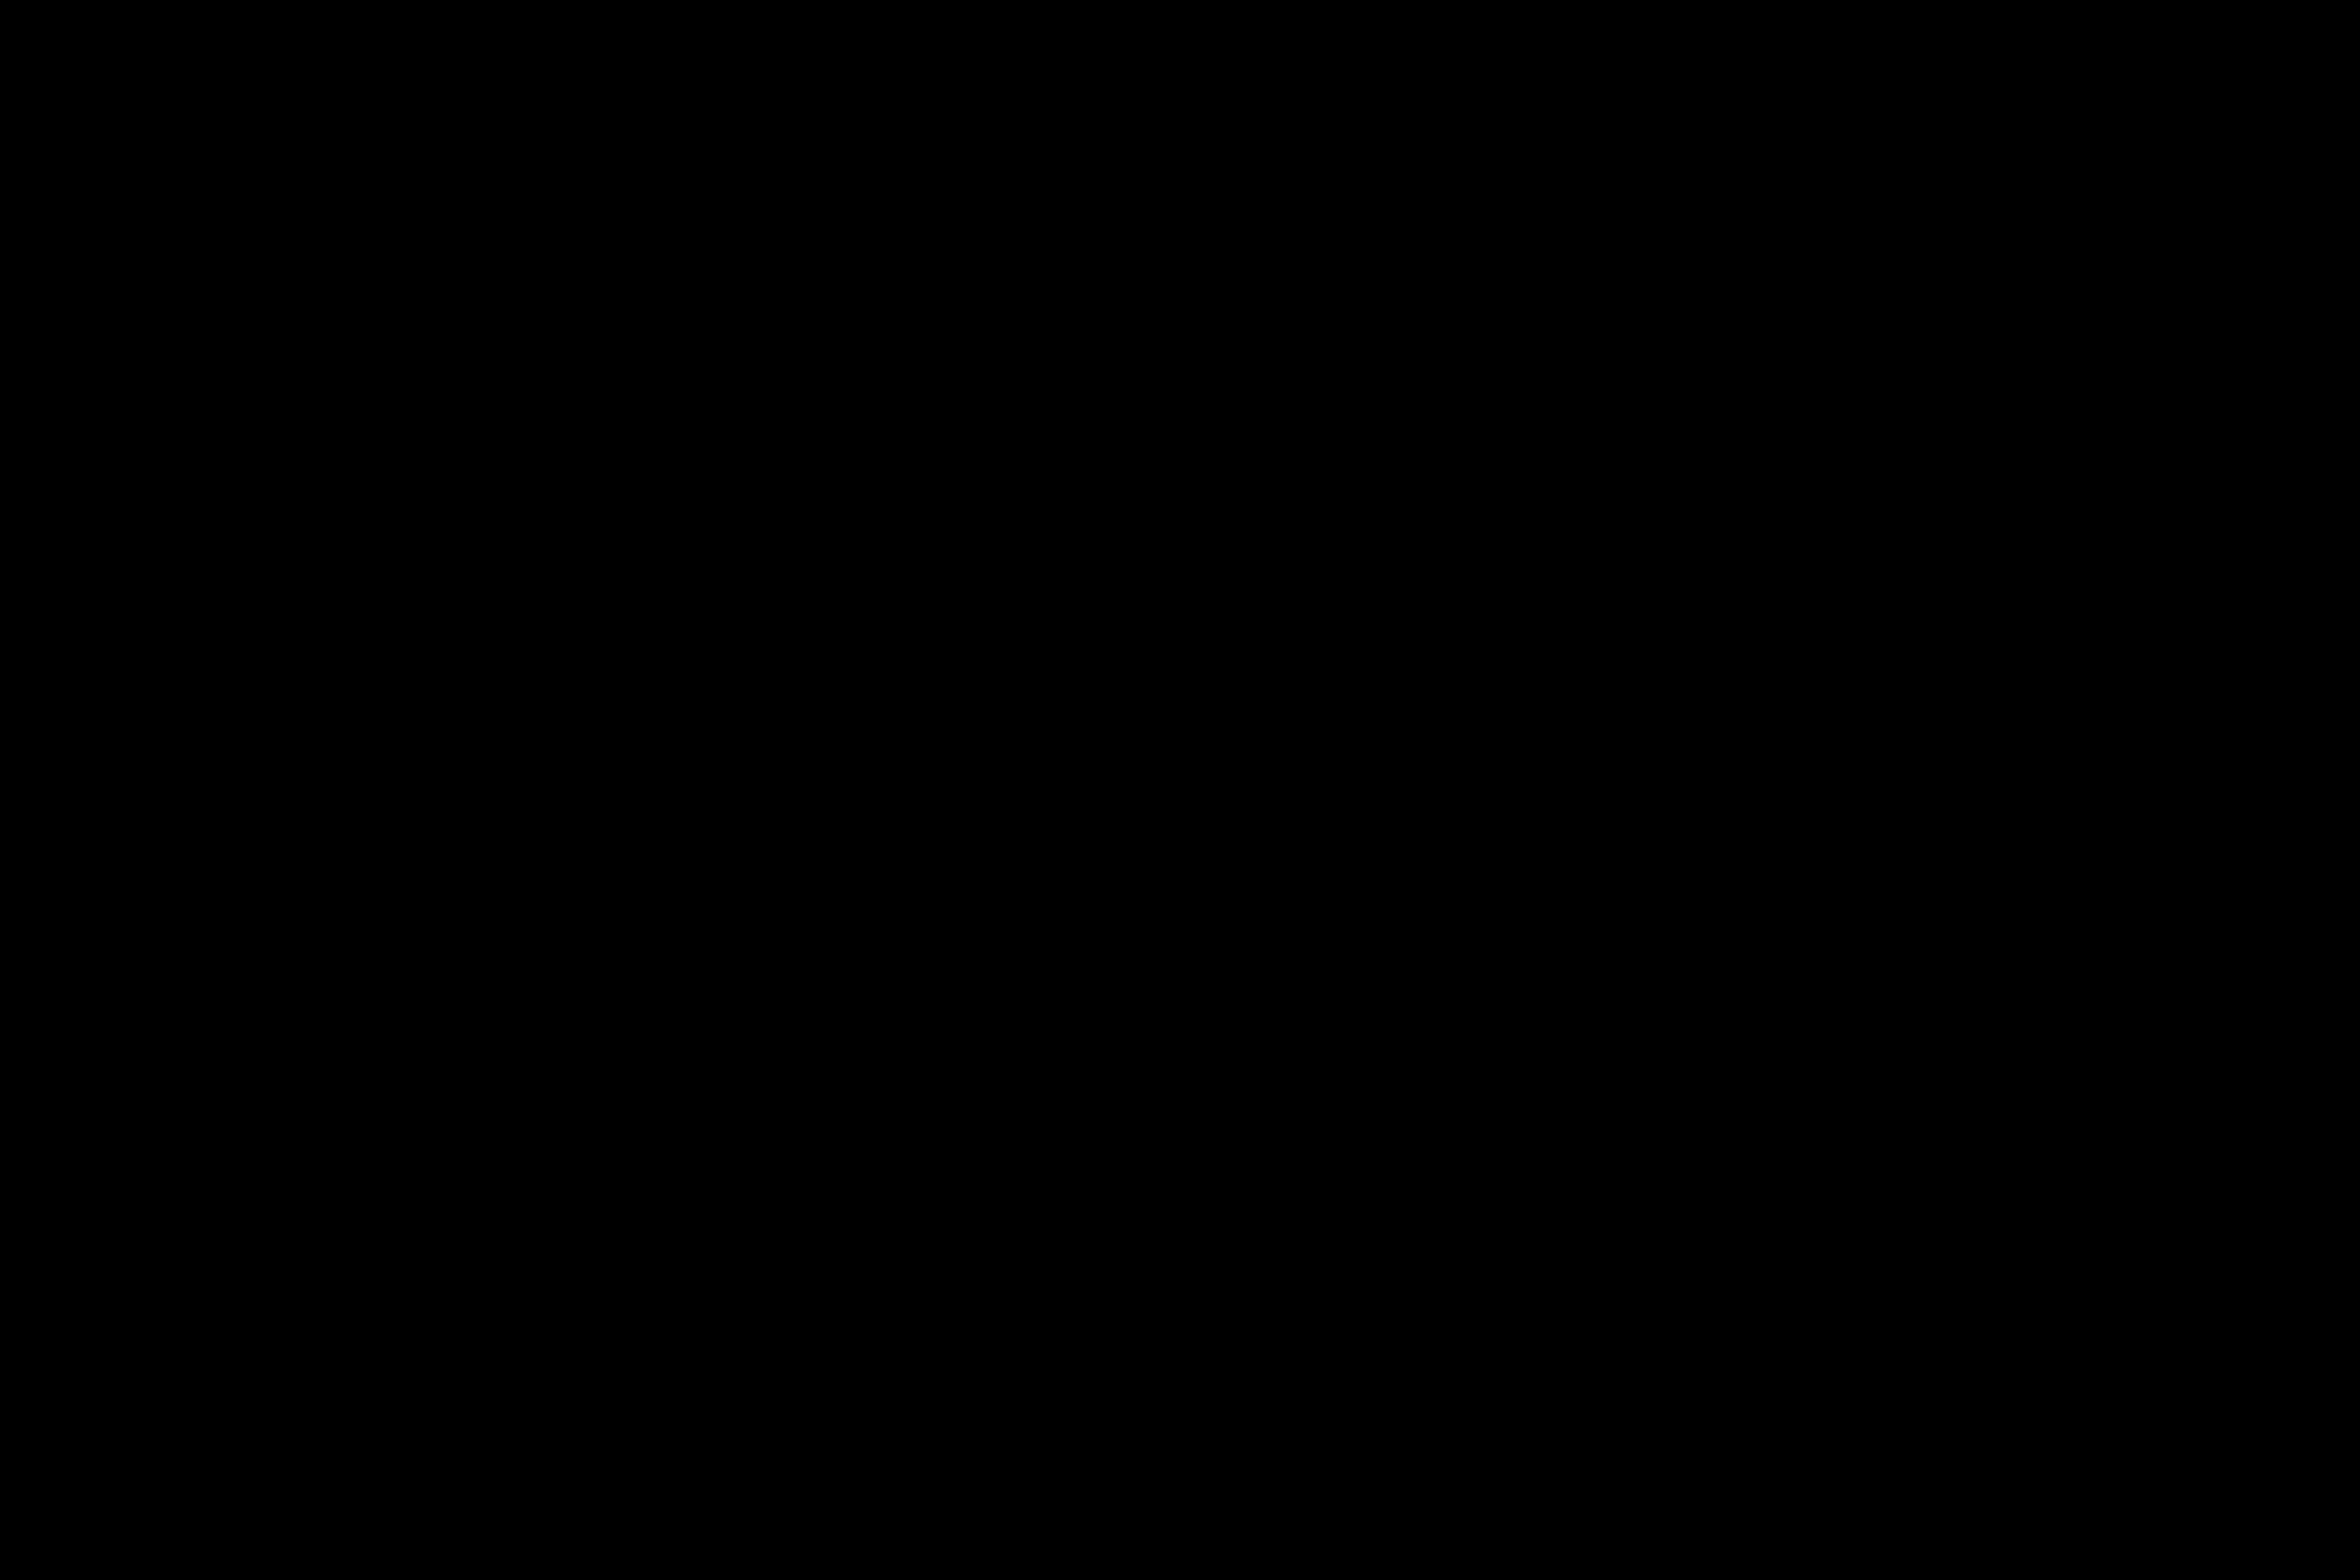 Sunset Lake 5K